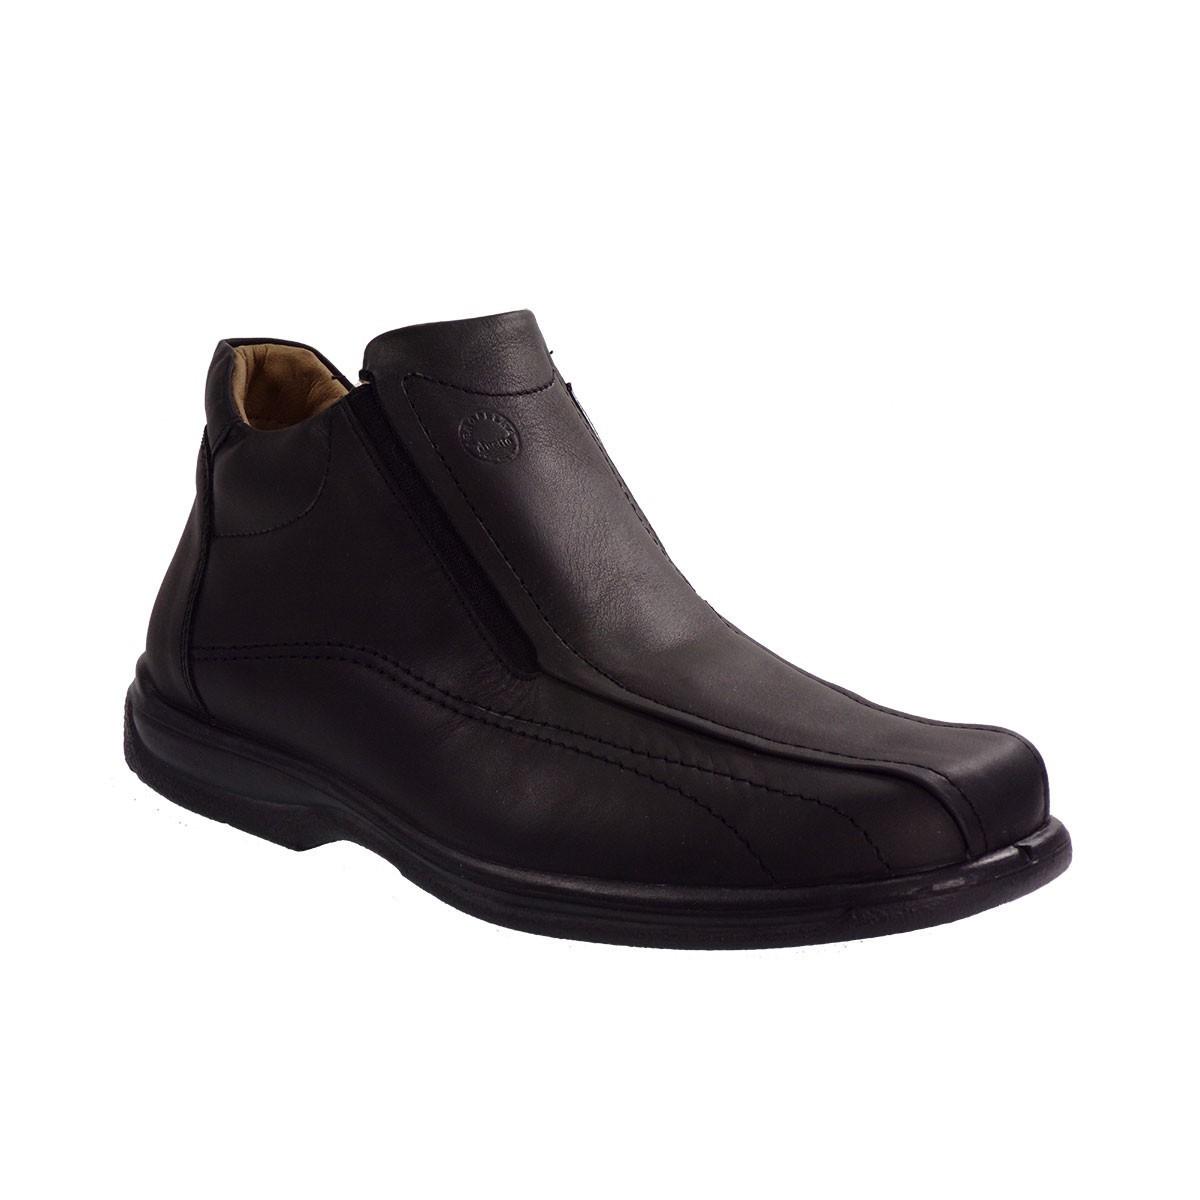 a2440db6fc11 Aeropelma Duetto Ανδρικά Παπούτσια Μποτάκια Αστραγάλου 772 Μαύρο ...